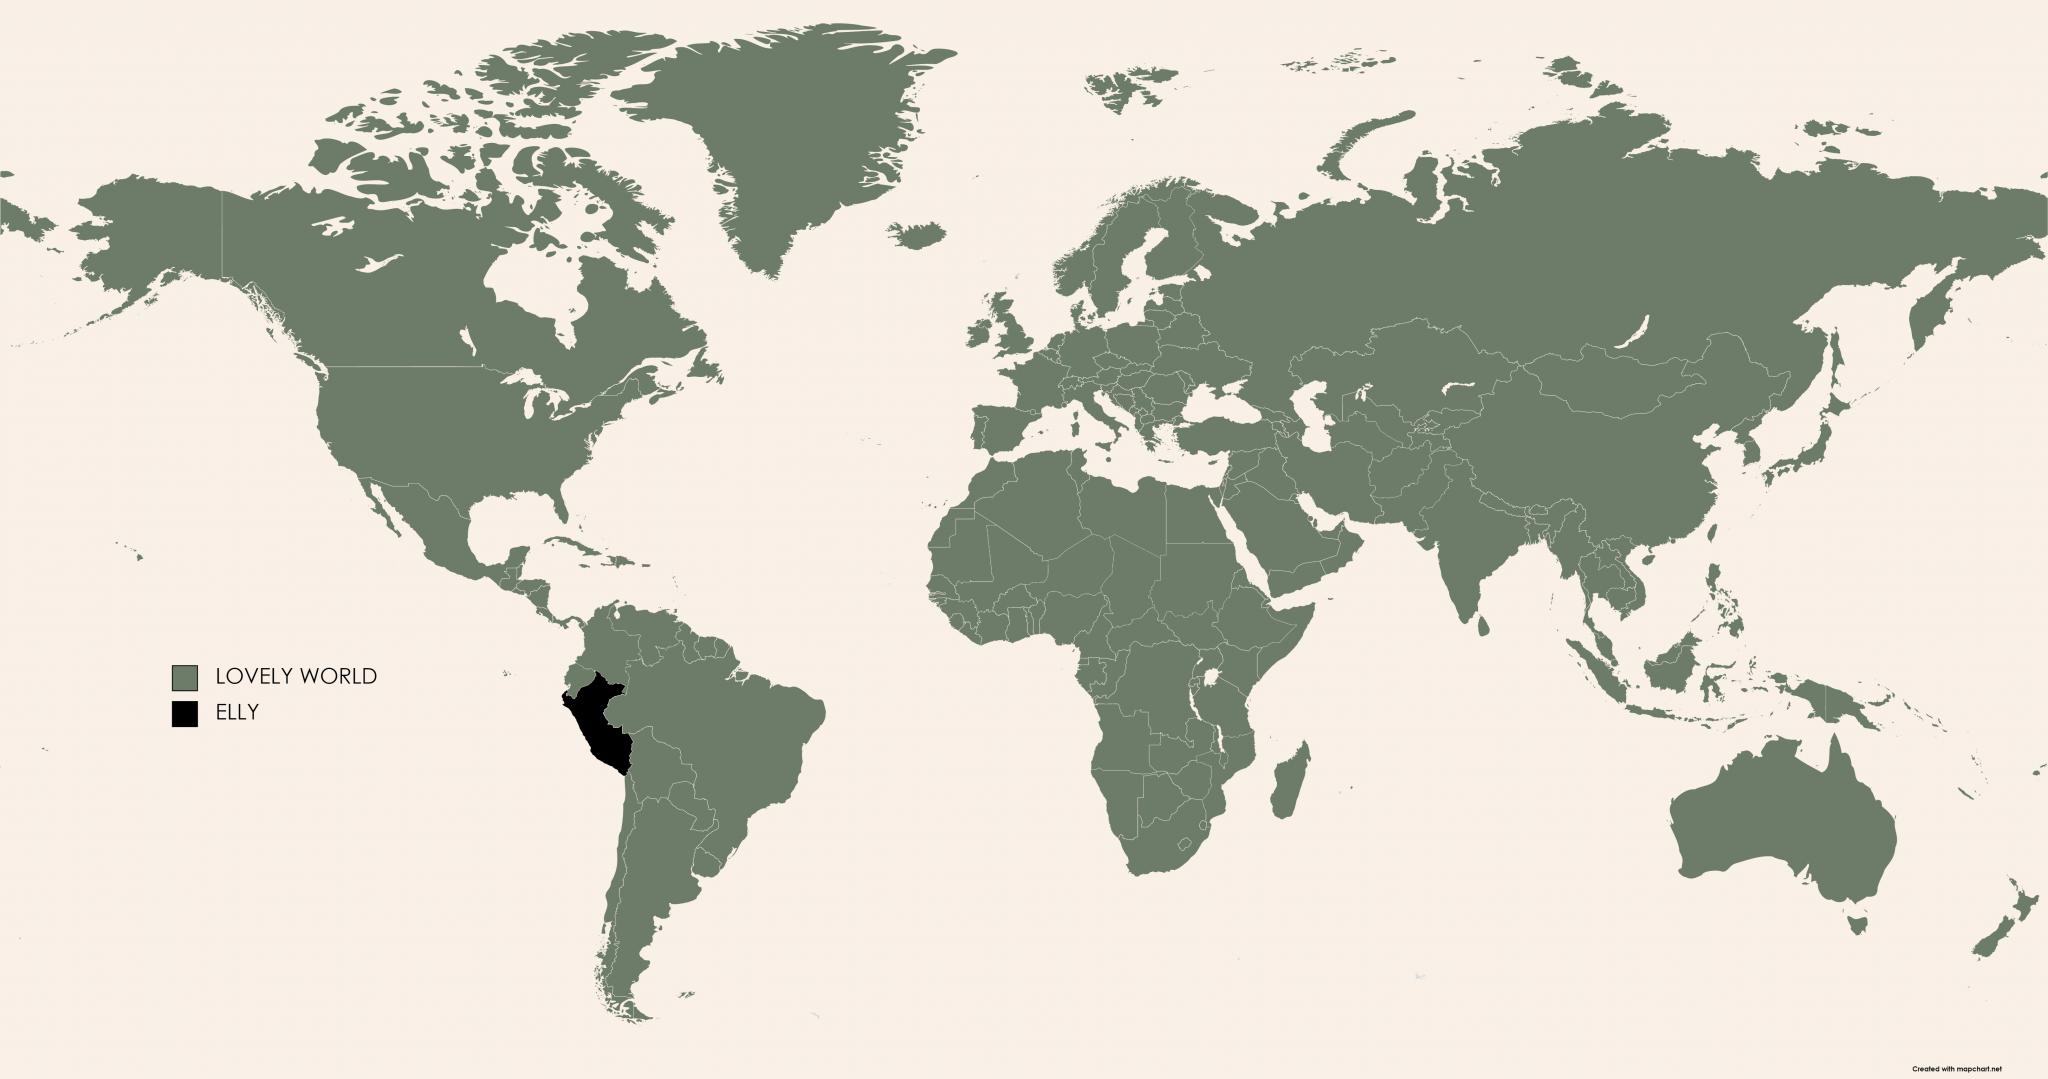 ELLY MAP